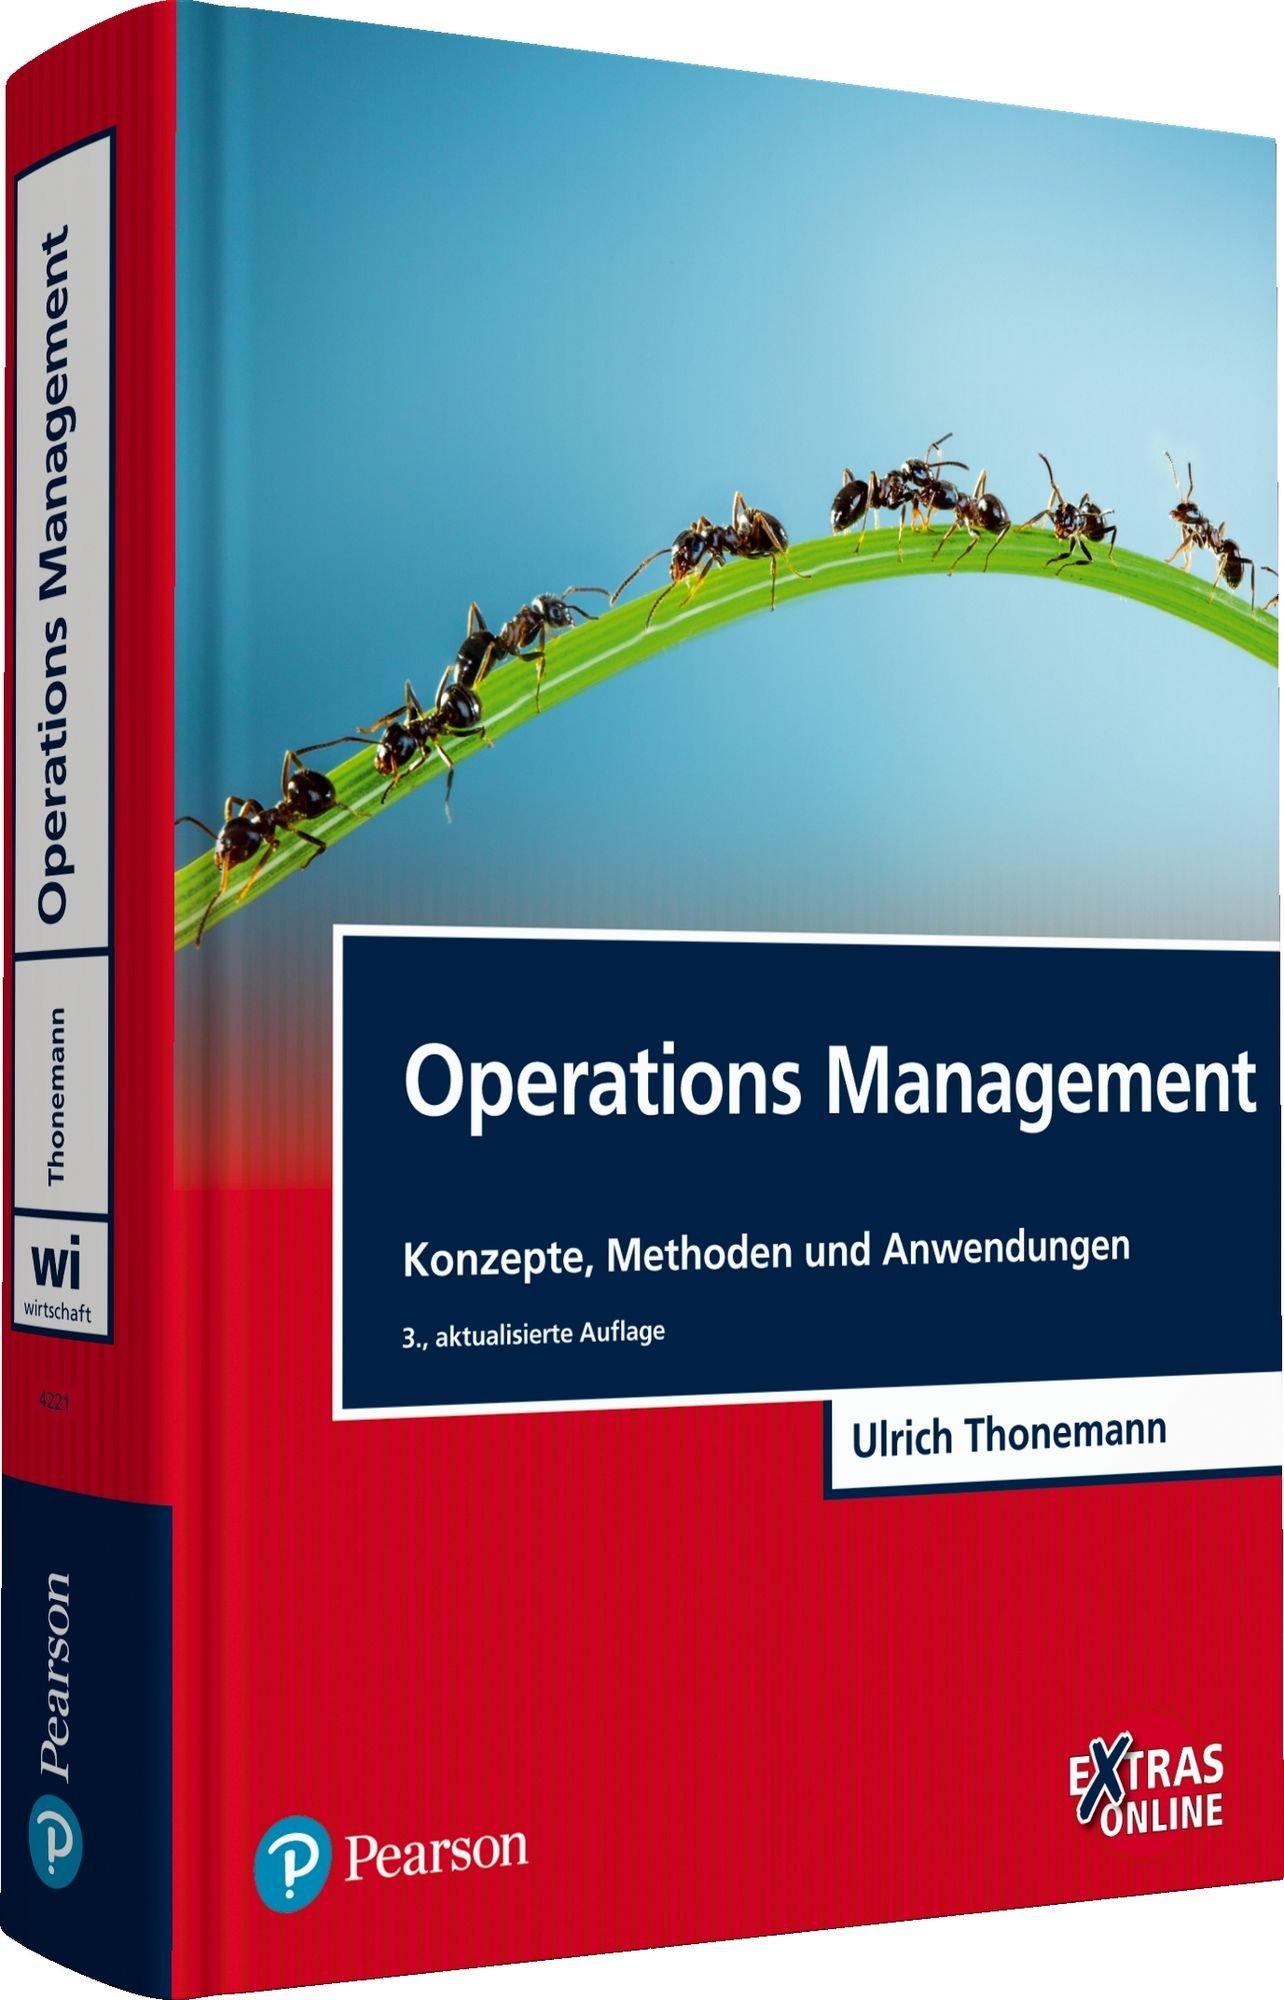 Operations Management: Konzepte, Methoden und Anwendungen (Pearson Studium - Economic BWL) Gebundenes Buch – 1. Oktober 2015 Prof. Dr. Ulrich Thonemann 3868942211 Betriebswirtschaft Wirtschaft / Management